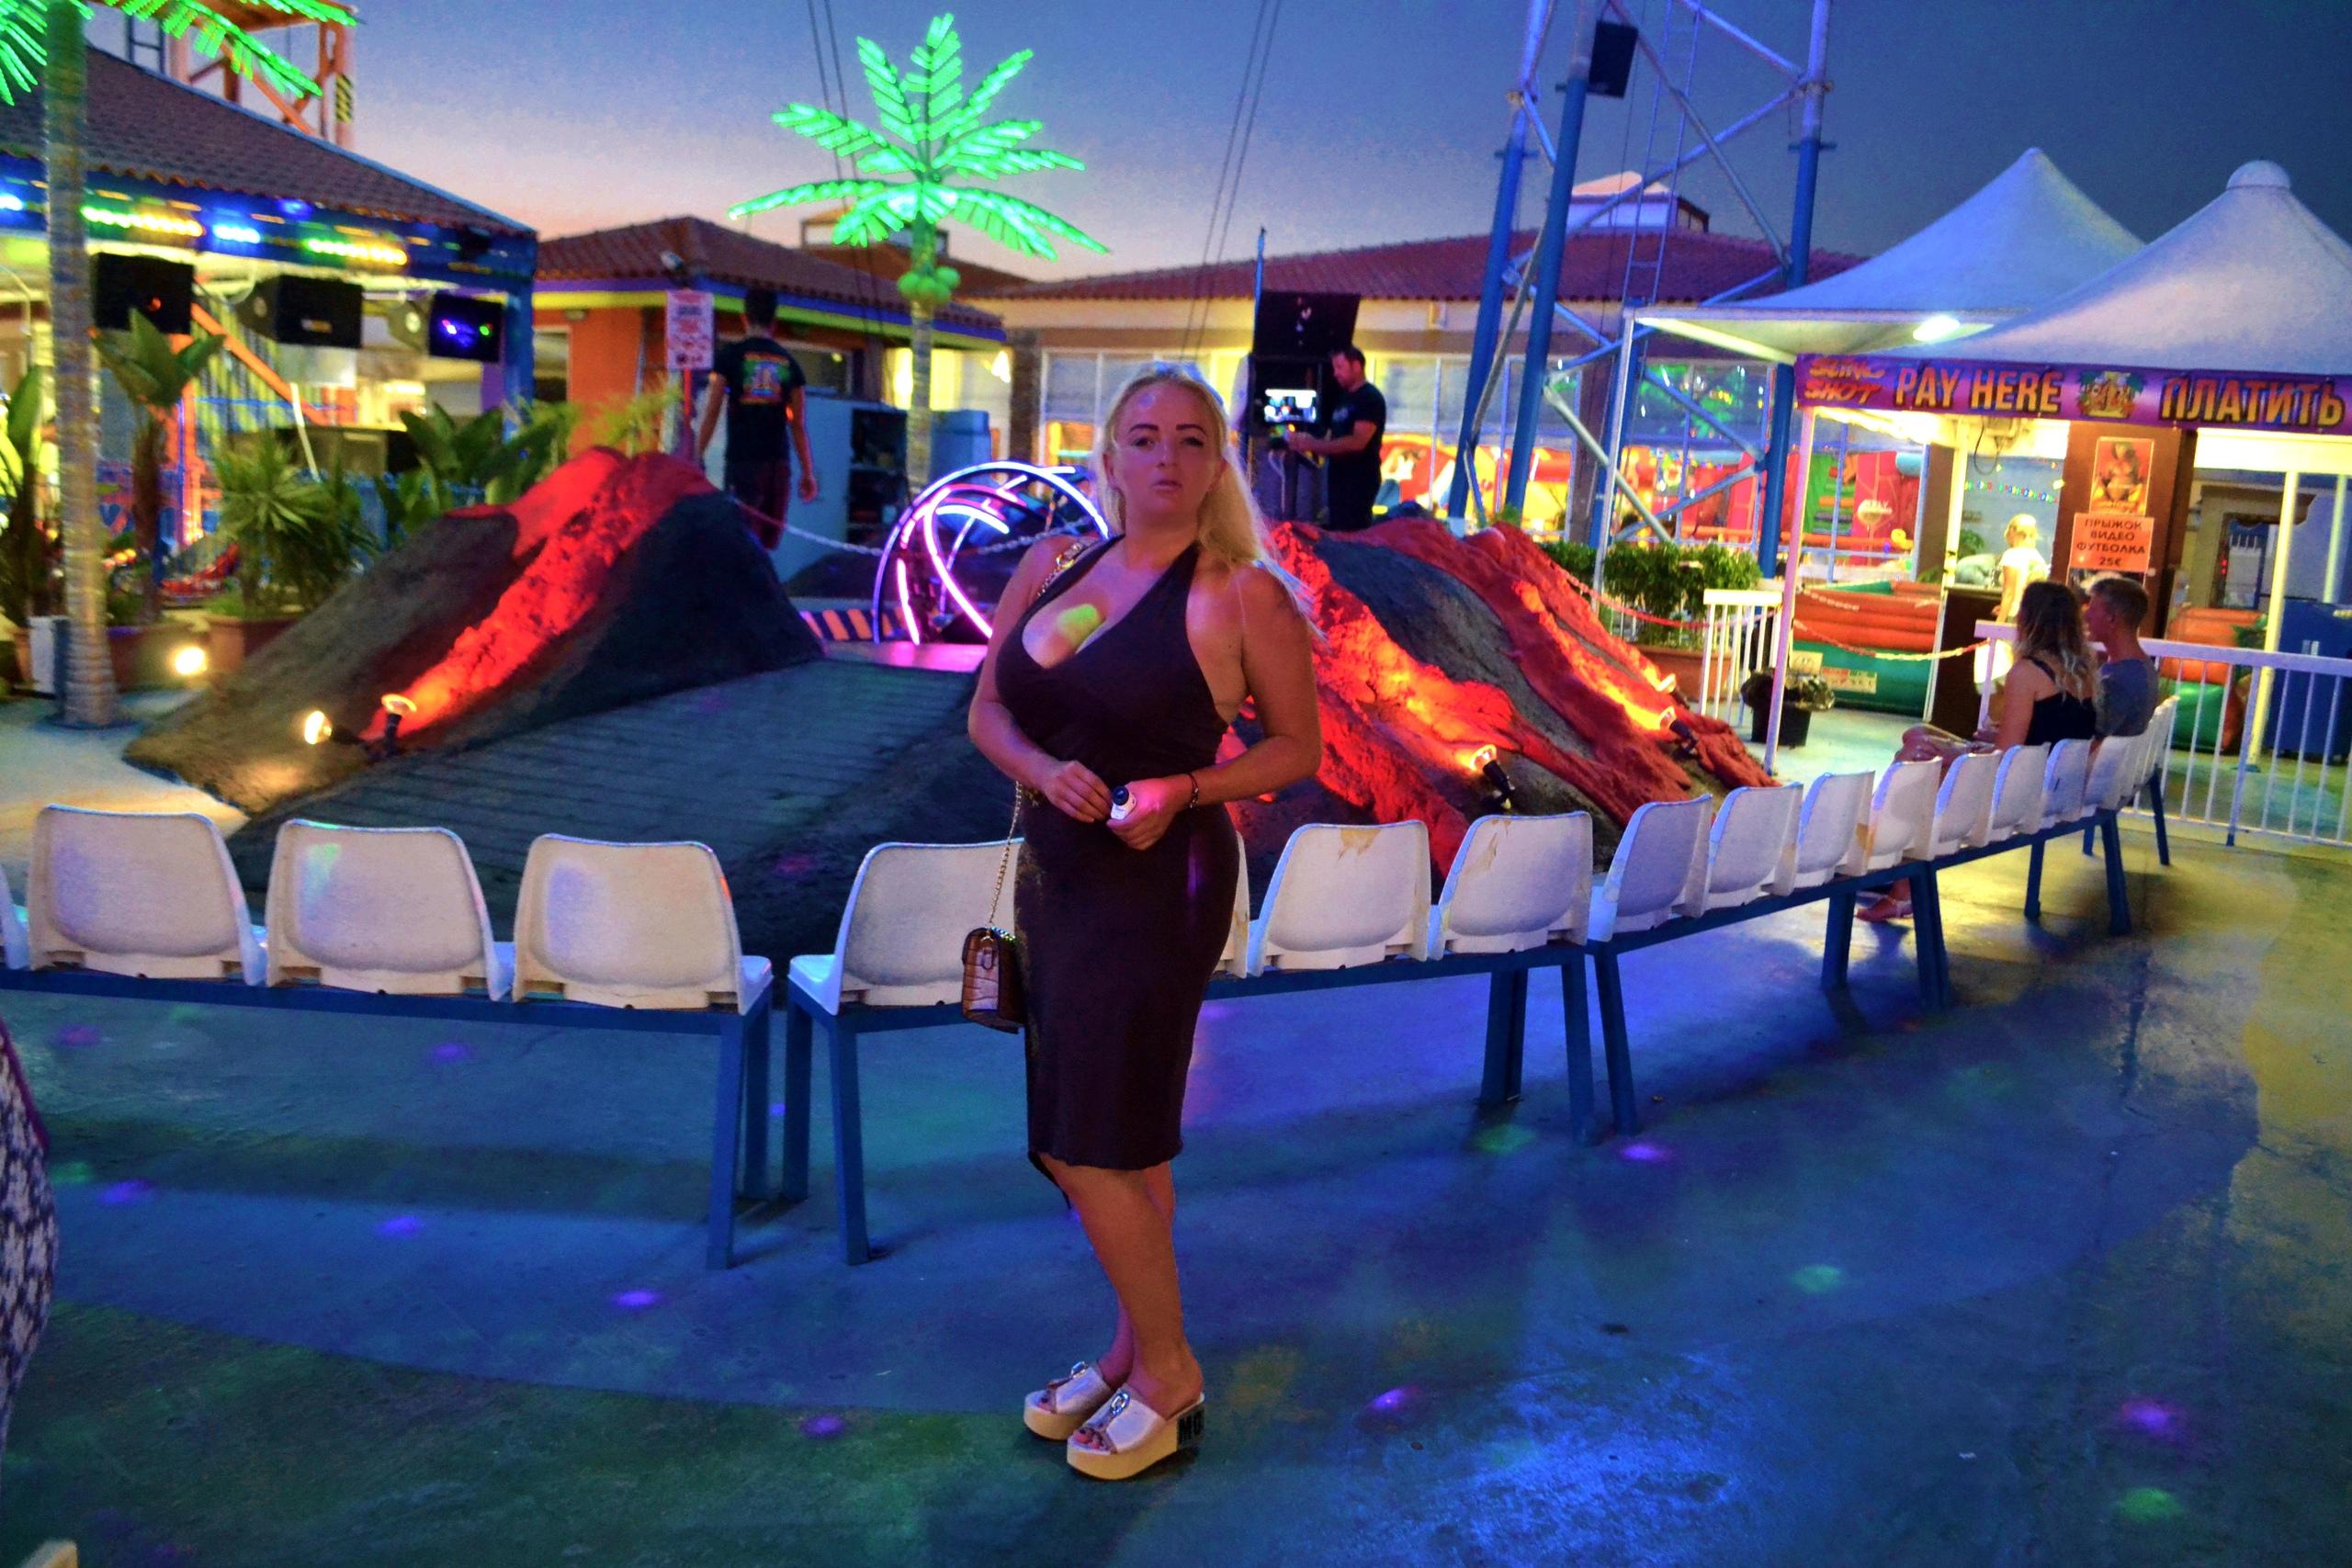 Елена Руденко (Валтея). Лунапарк Parko Paliatso в Айия-Напе (Кипр) фото. ZEN78YPmbEs